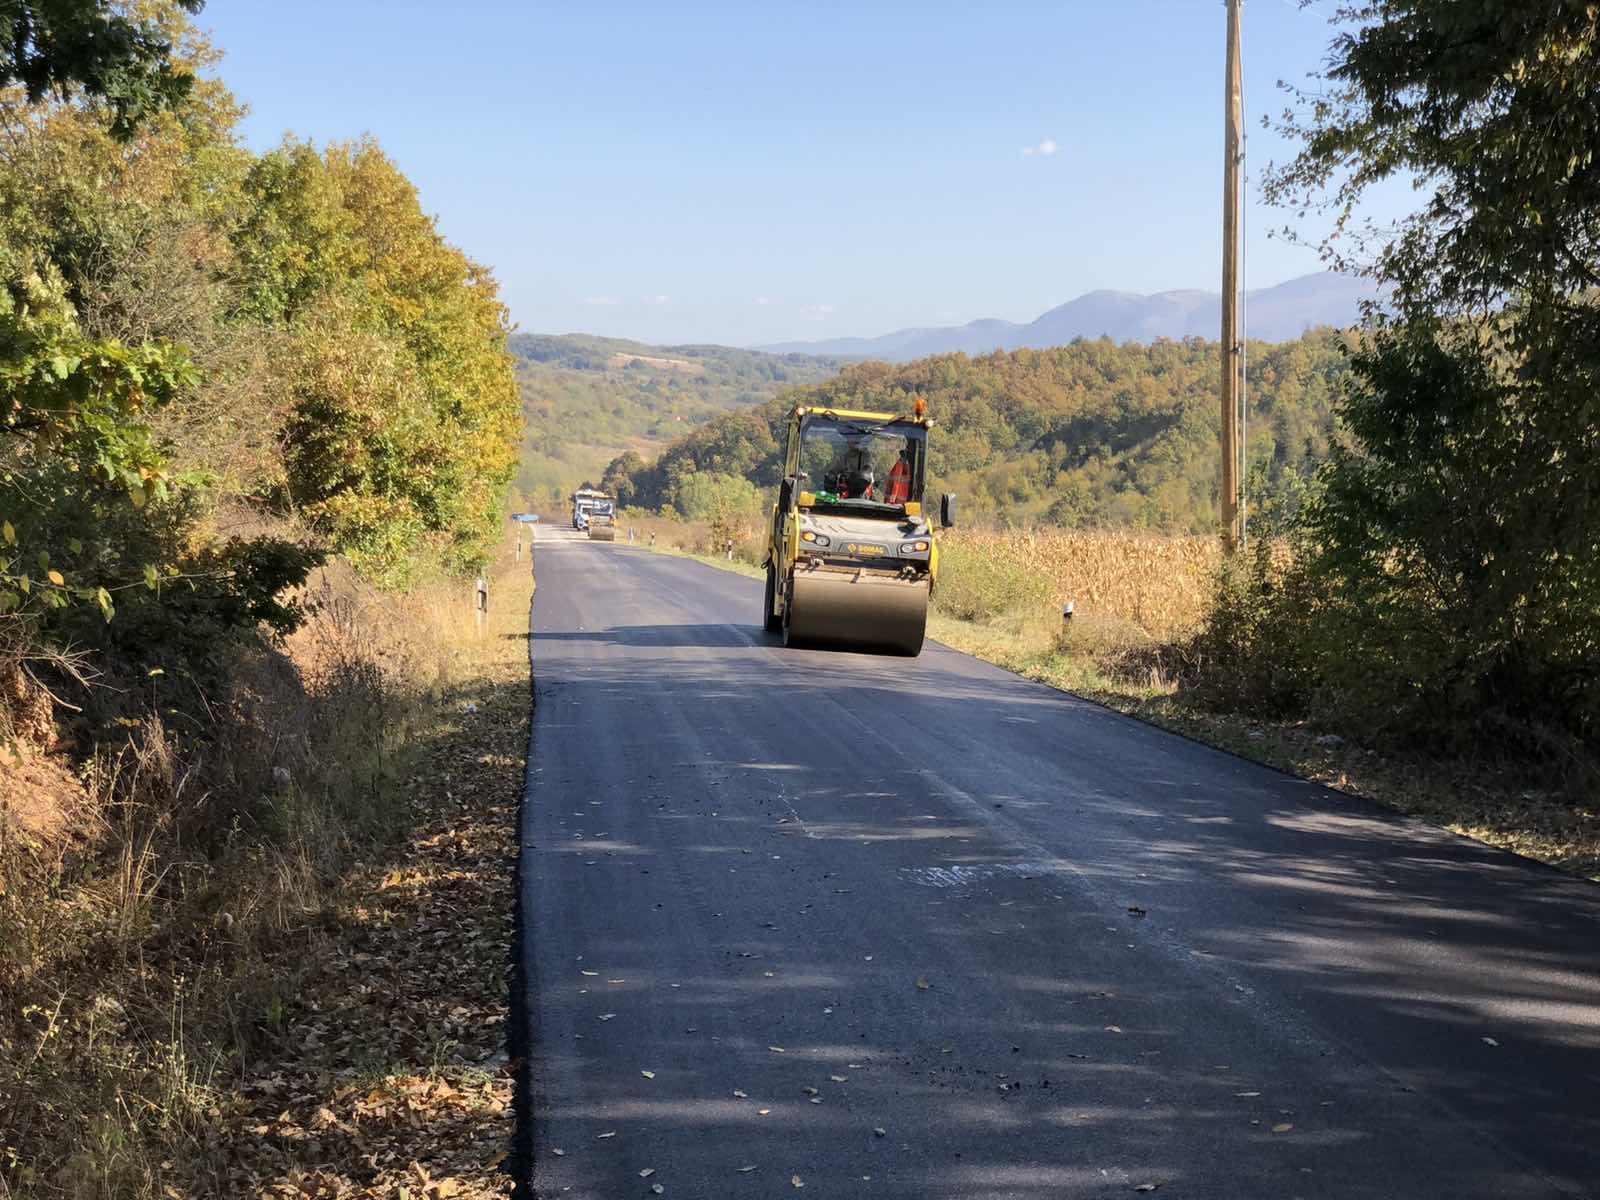 Radovi na putu prema Lalincu, foto: M.M.